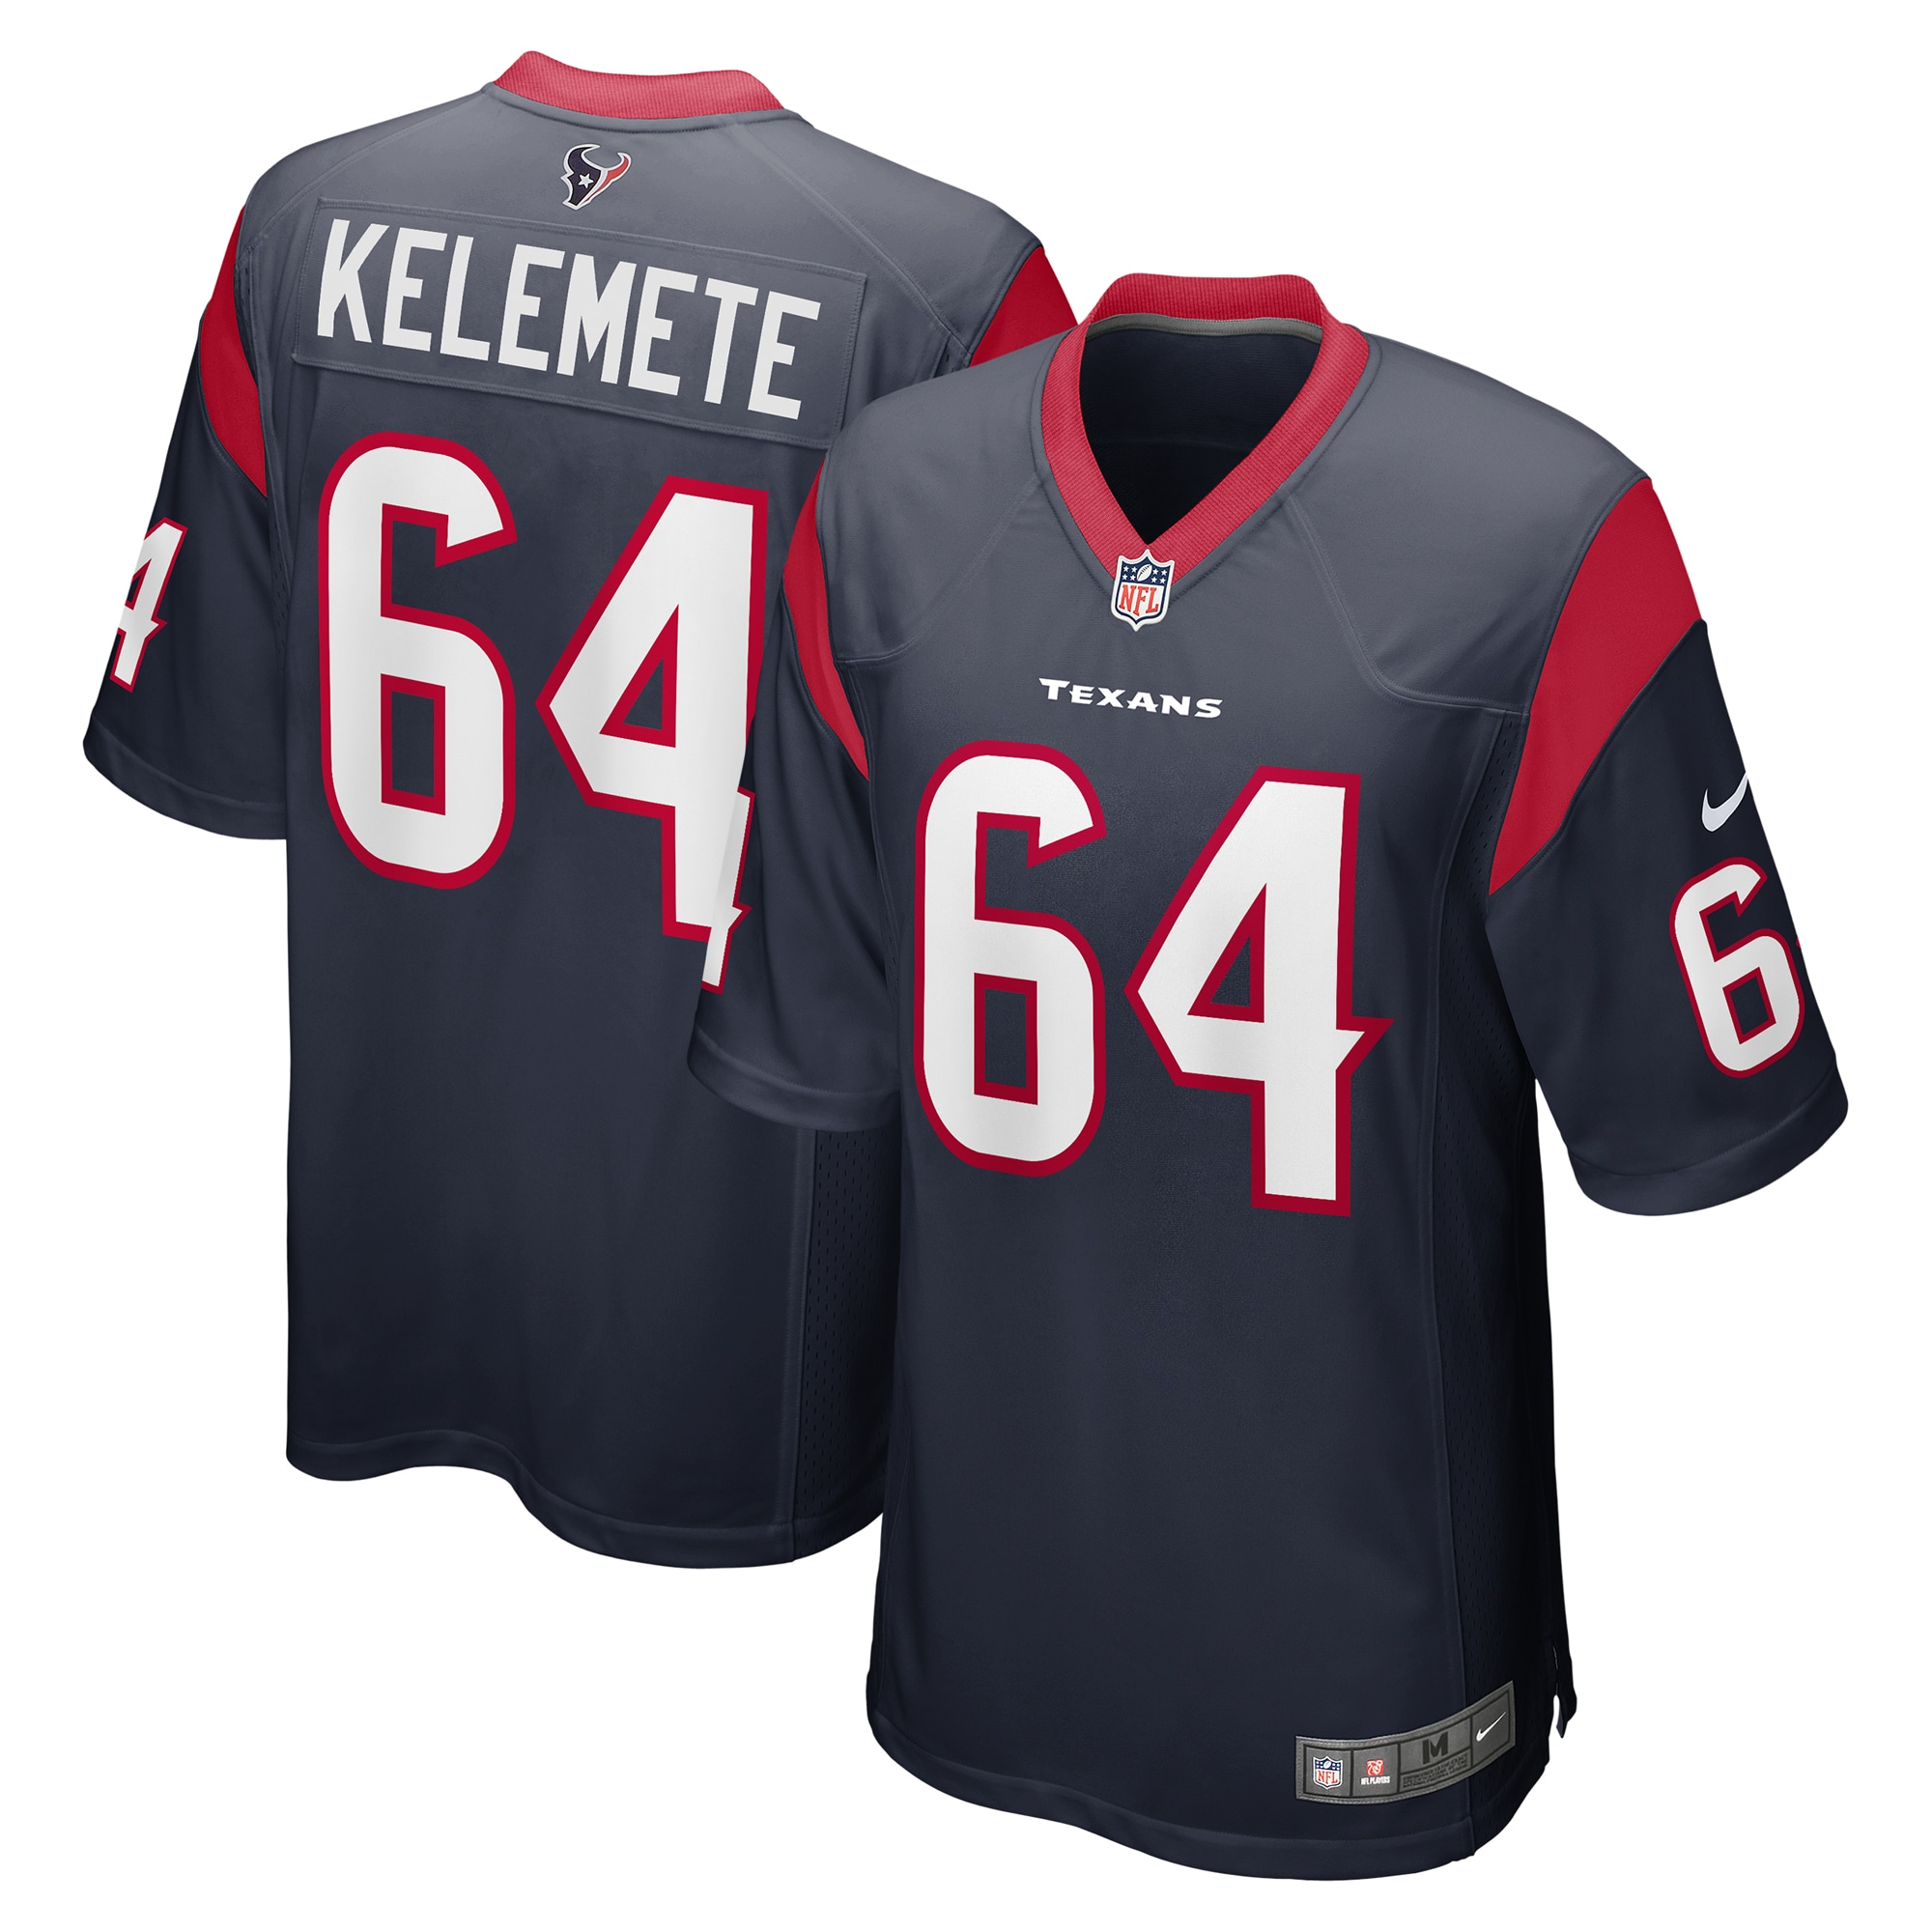 Senio Kelemete Houston Texans Nike Game Jersey - Navy - Walmart.com